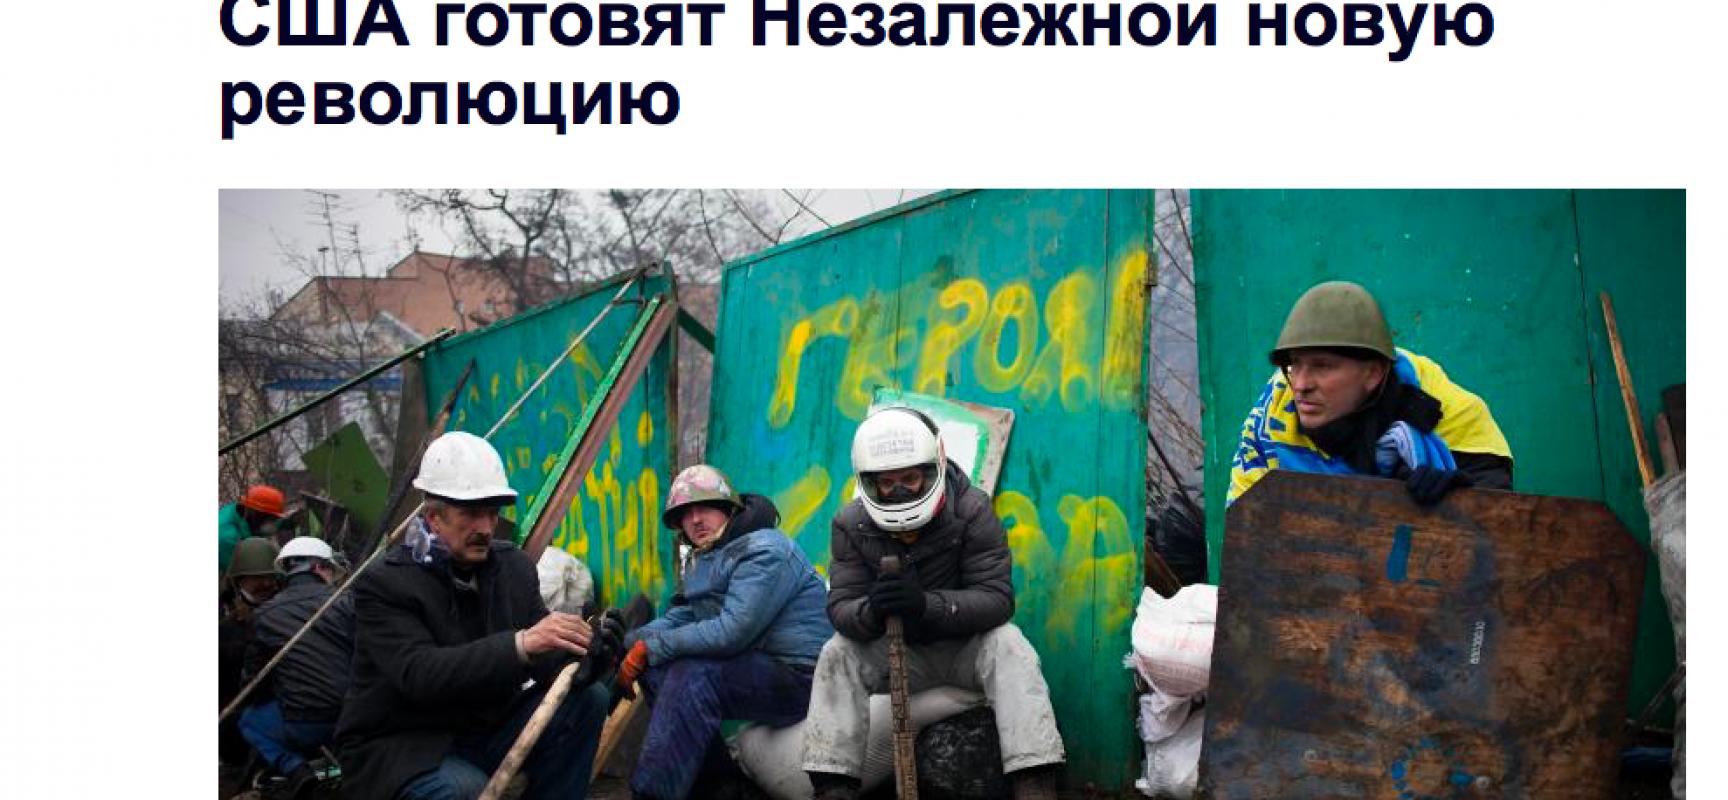 Manipolazione: gli Stati Uniti stanno preparando una nuova rivoluzione in Ucraina